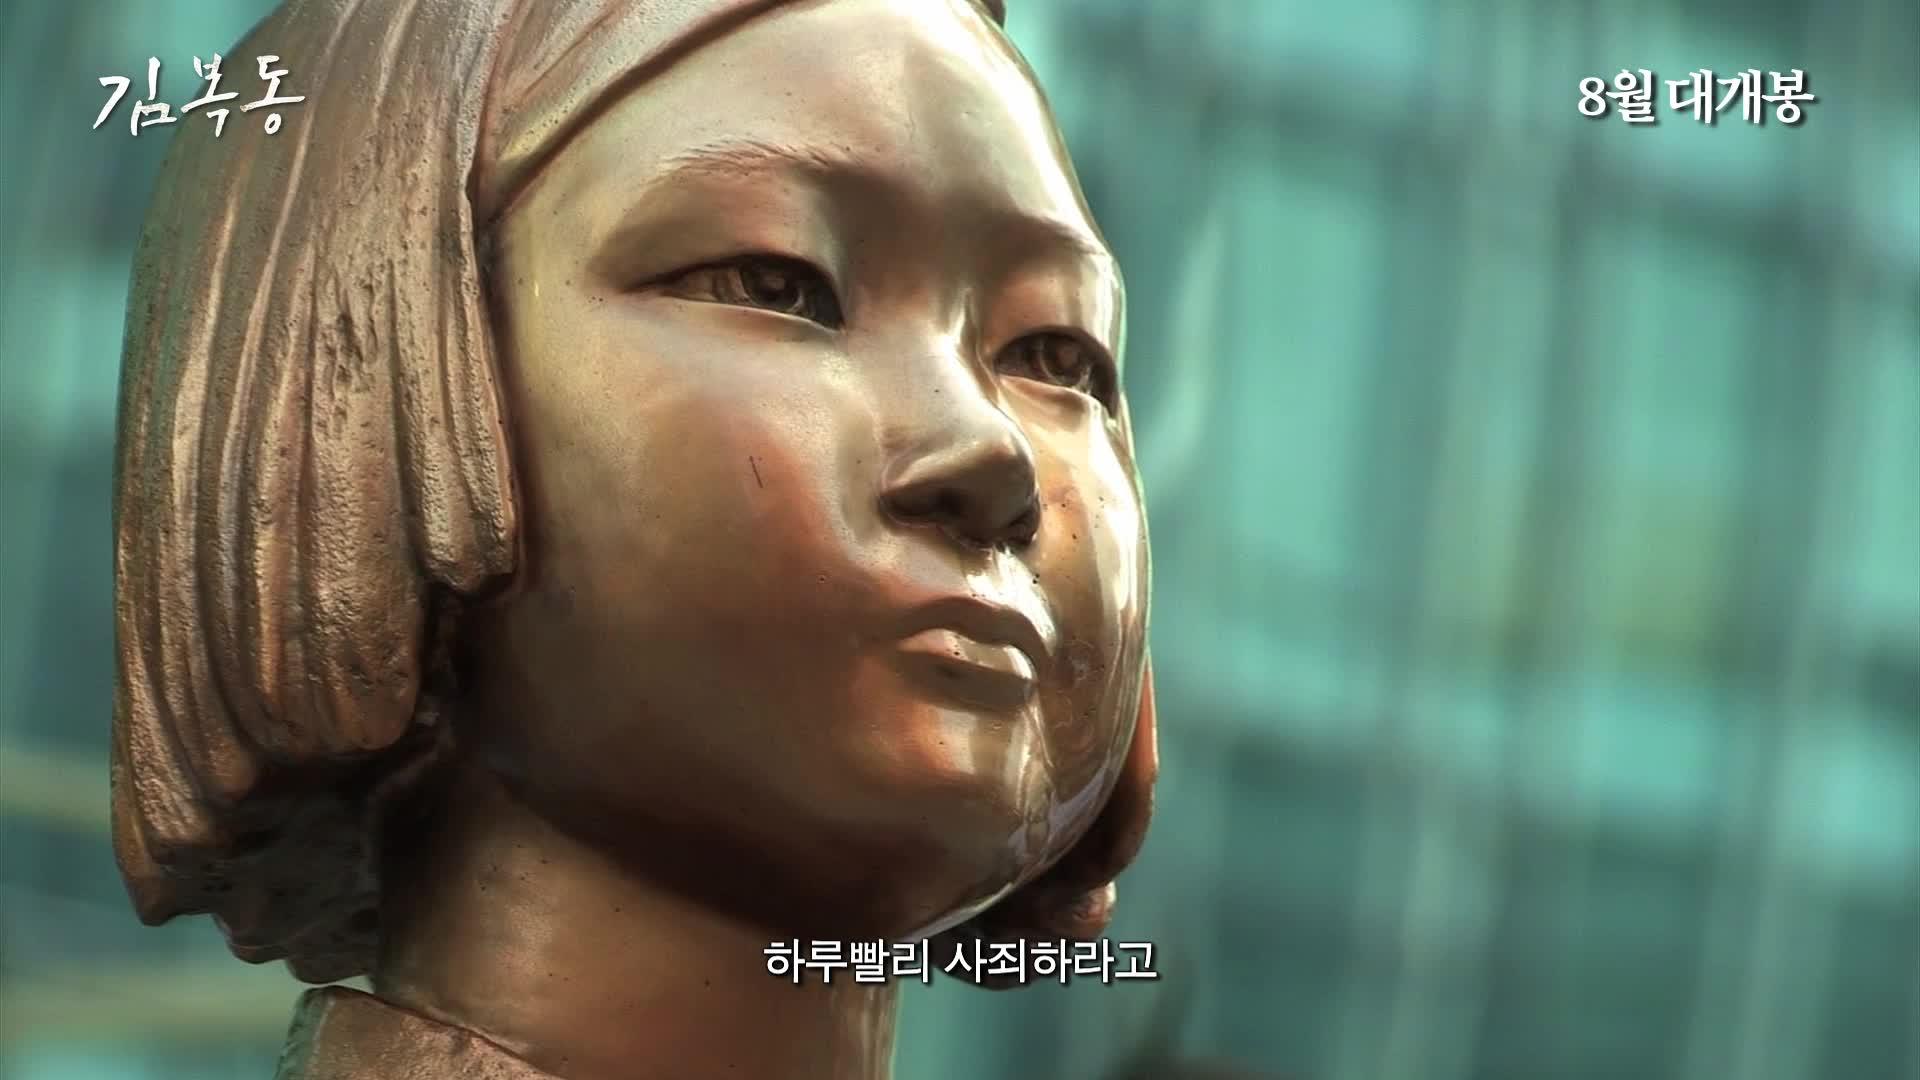 """""""열심히 싸워서 우리가 이깁시다!"""" 메인 예고편 최초 공개"""